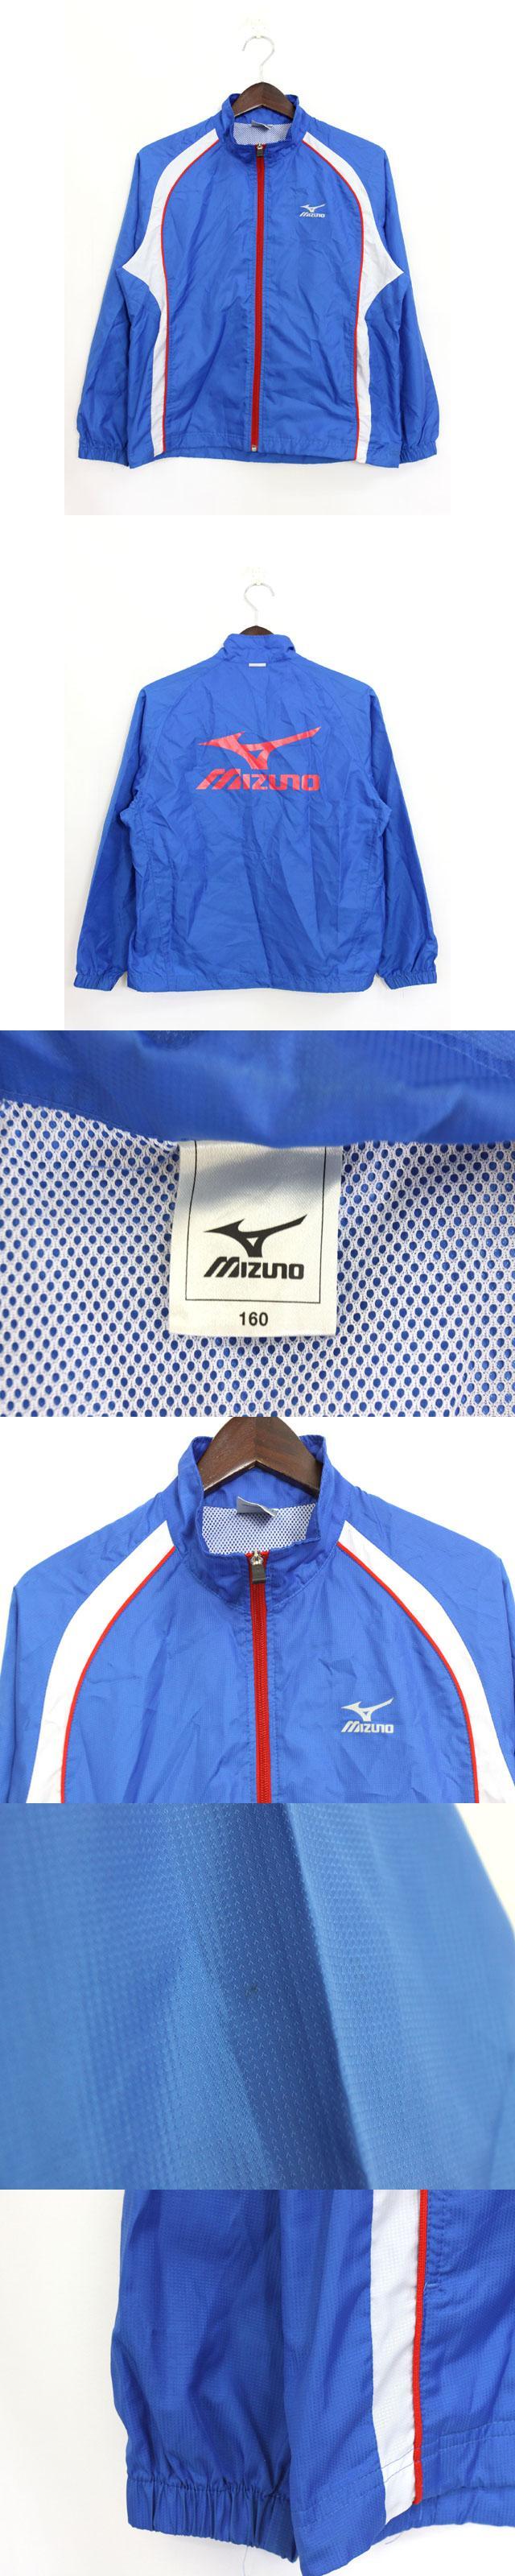 子供服 キッズ トラックジャケット ジャケット ブルゾン ロゴ 長袖 160 ブルー 青 /YT24